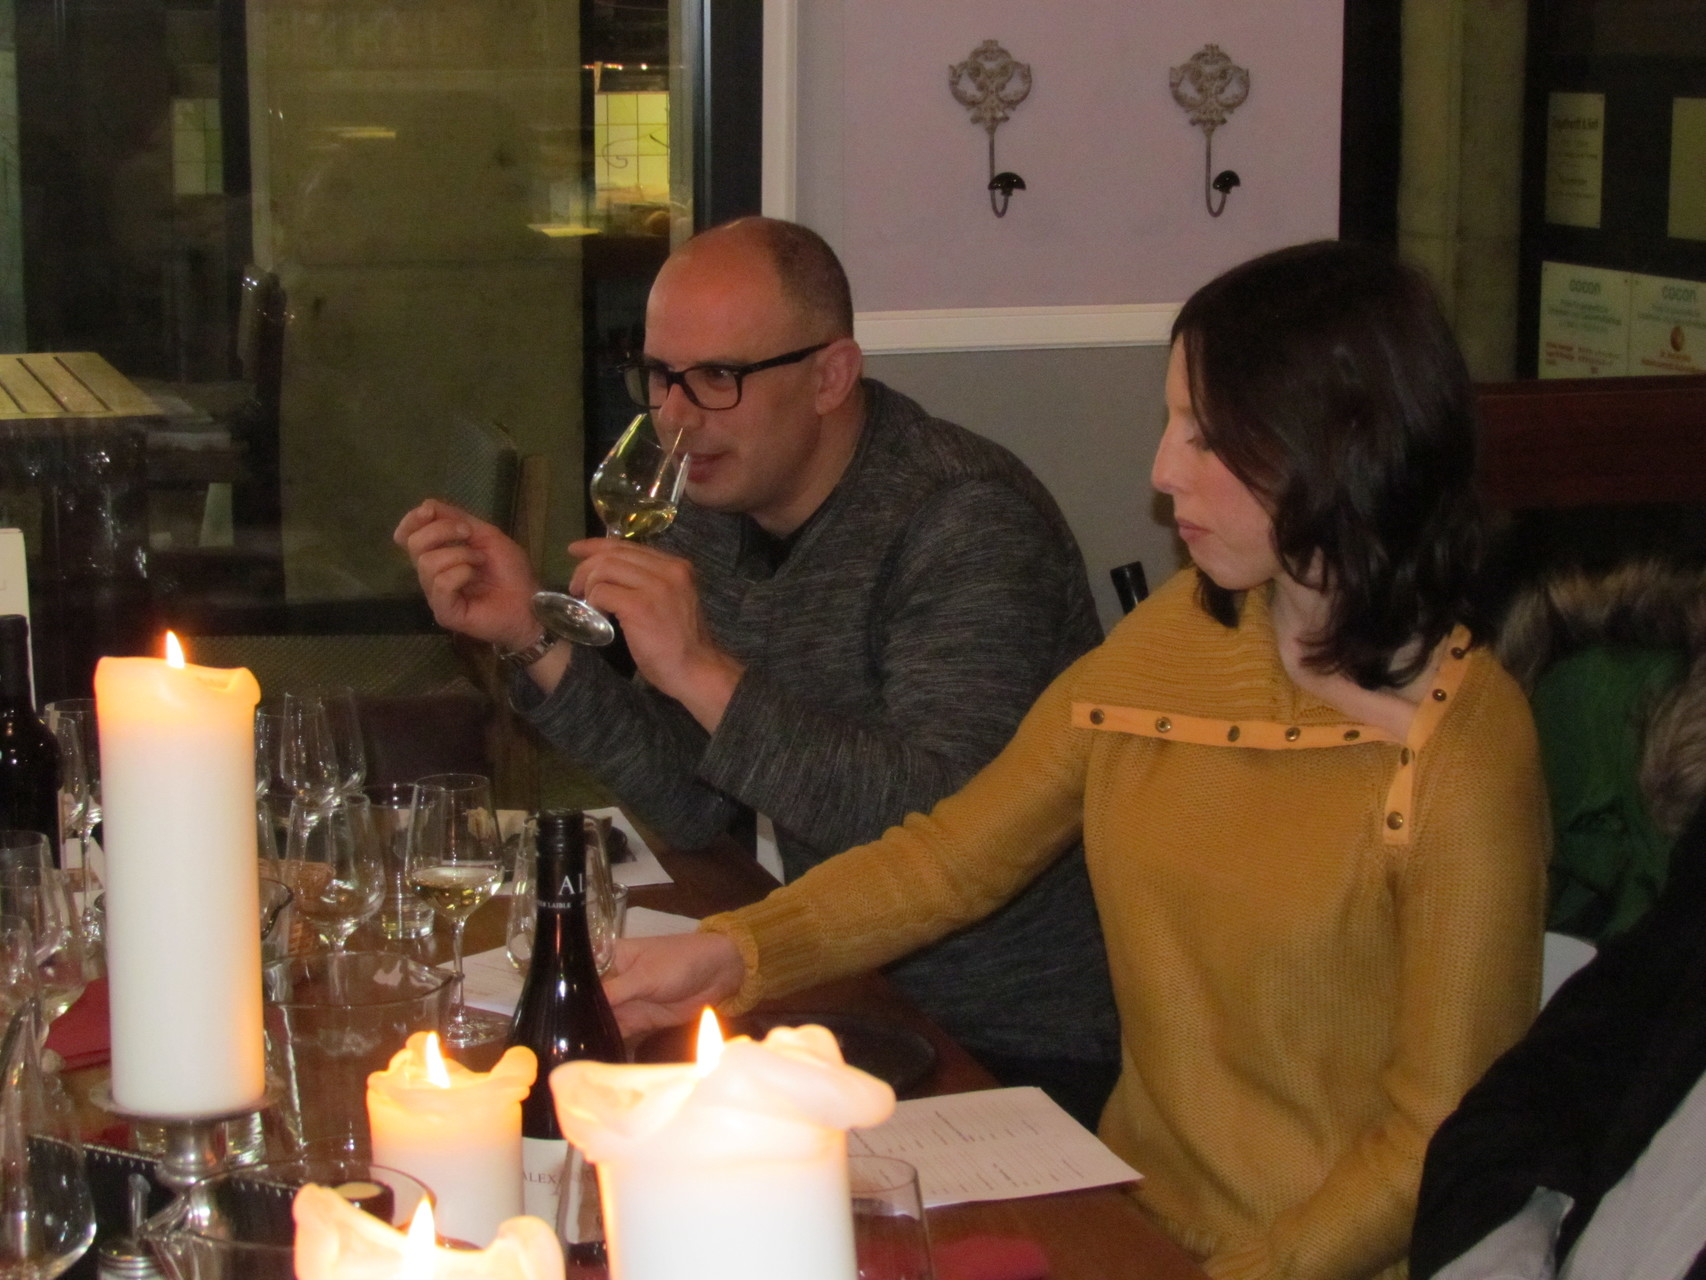 Wein und Schokolade Seminar Düsseldorf 14 02 2016